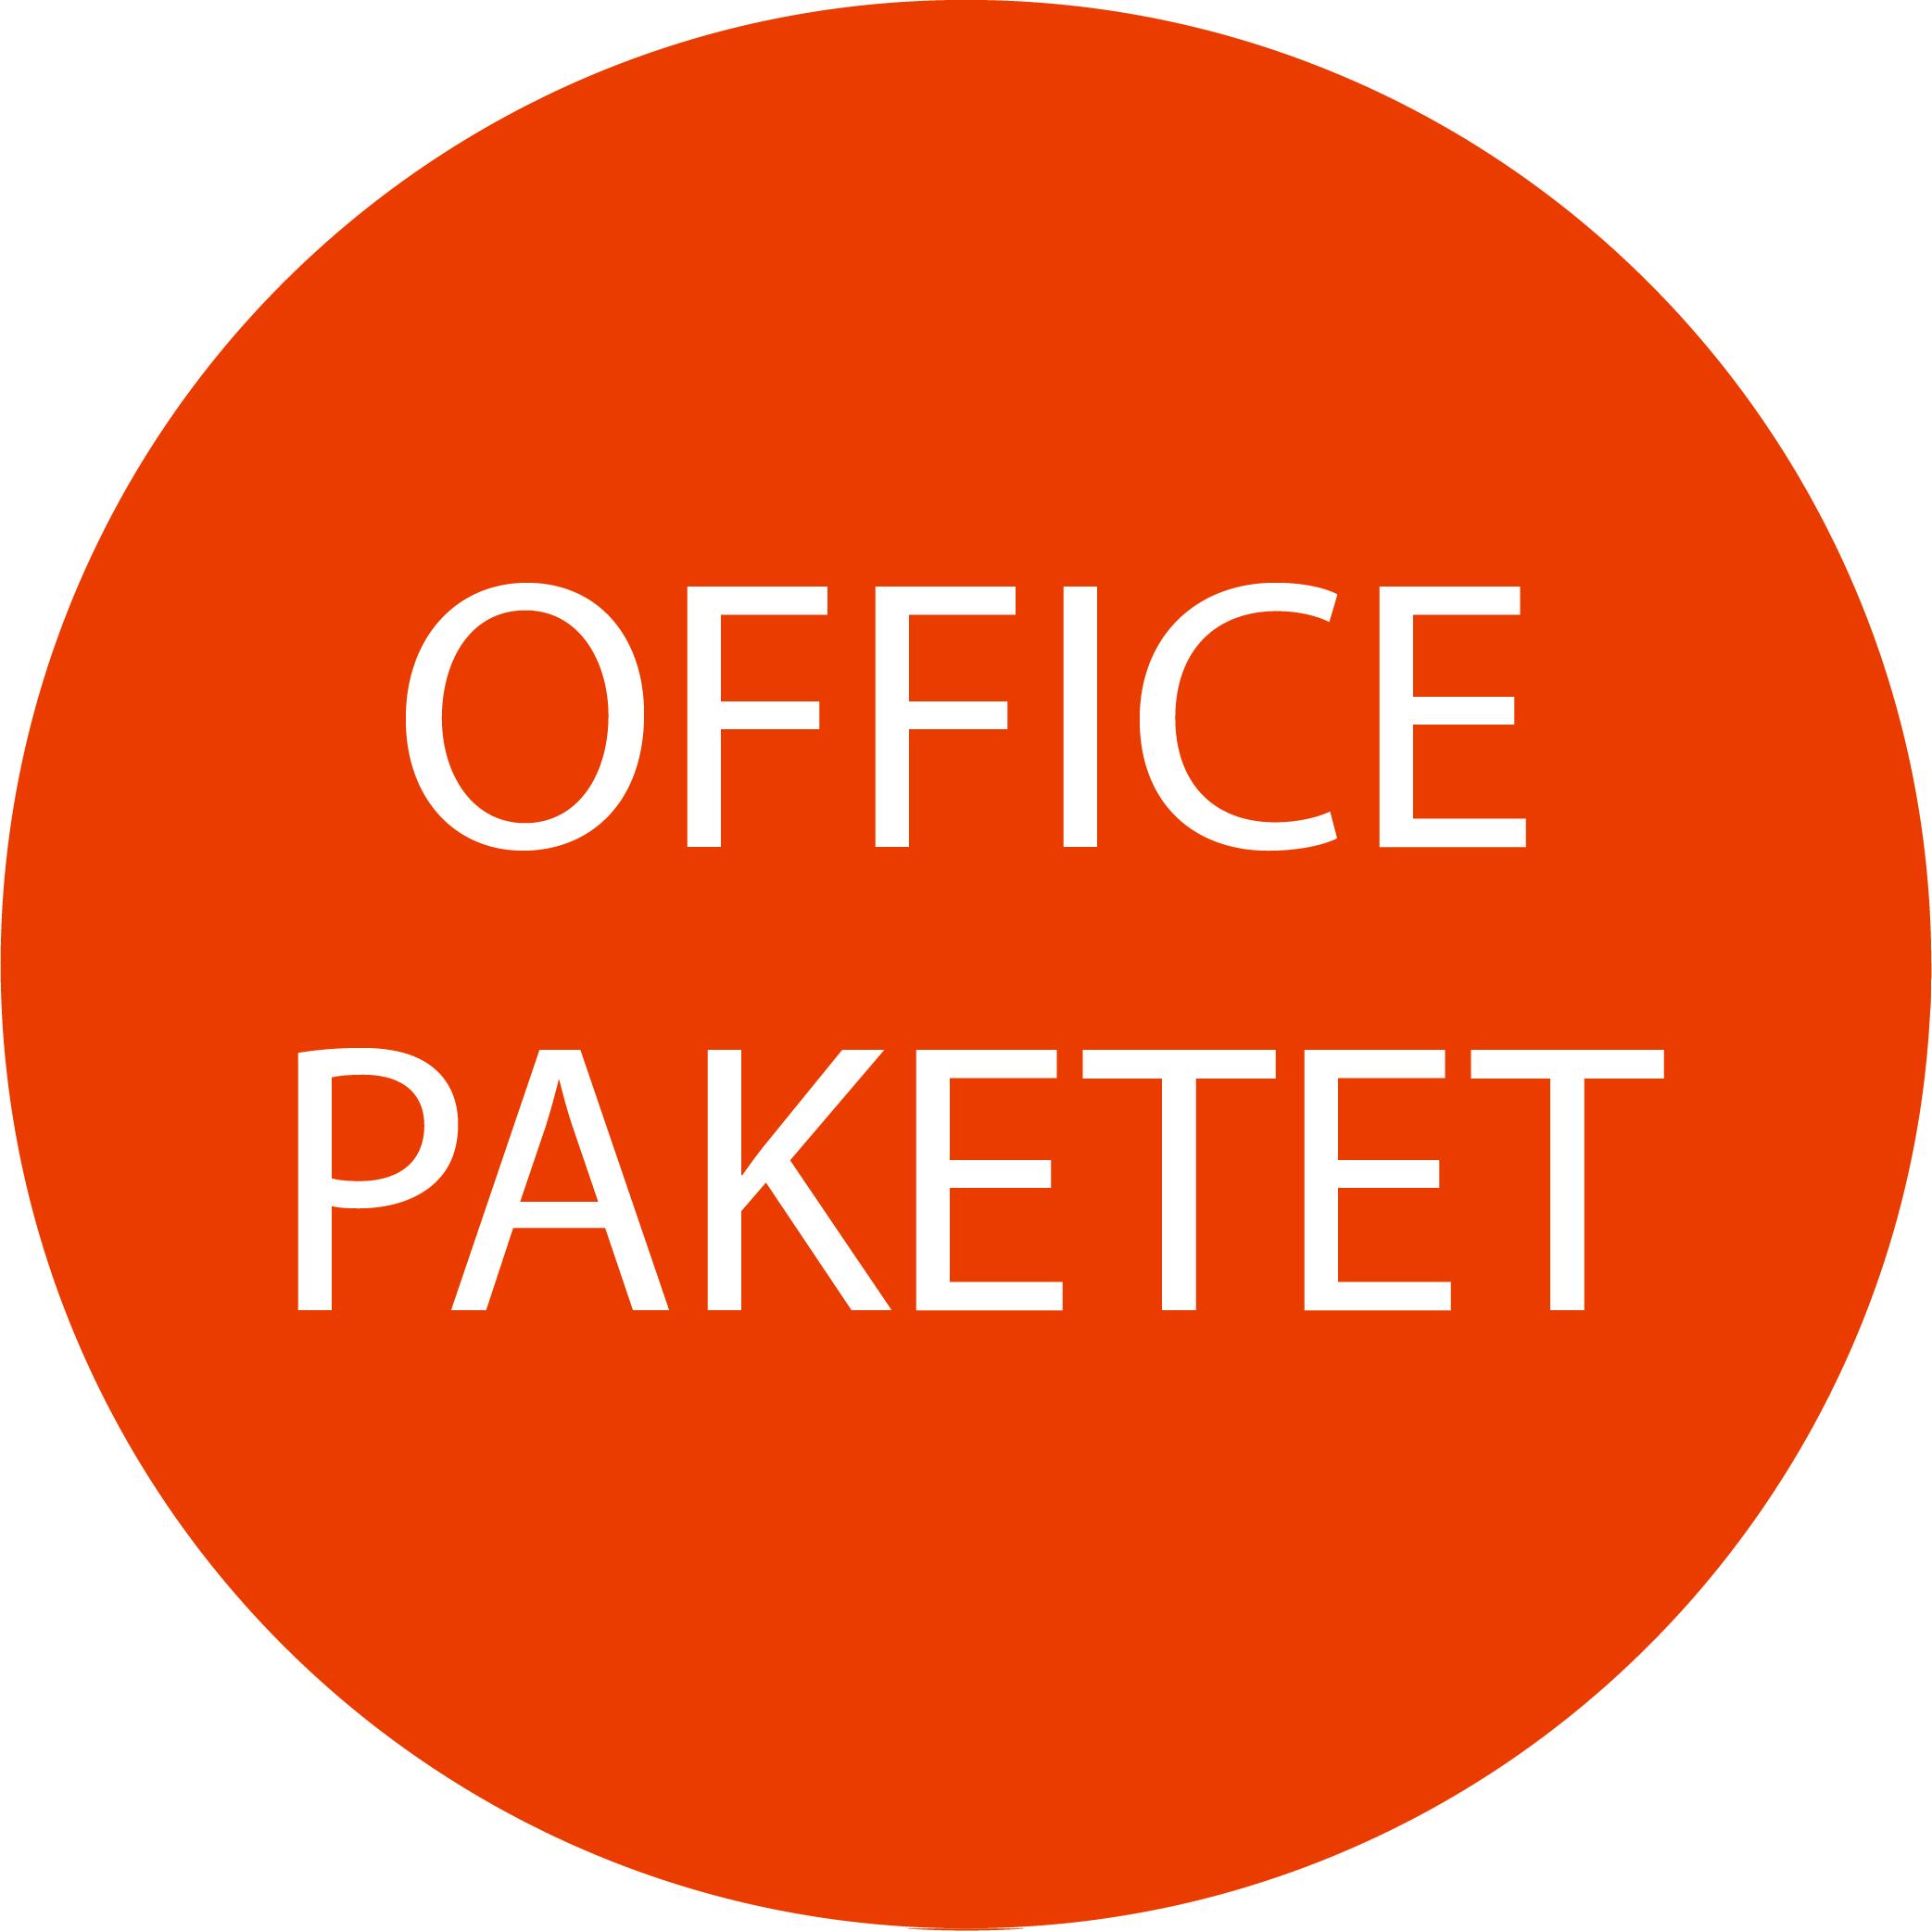 Officepaket